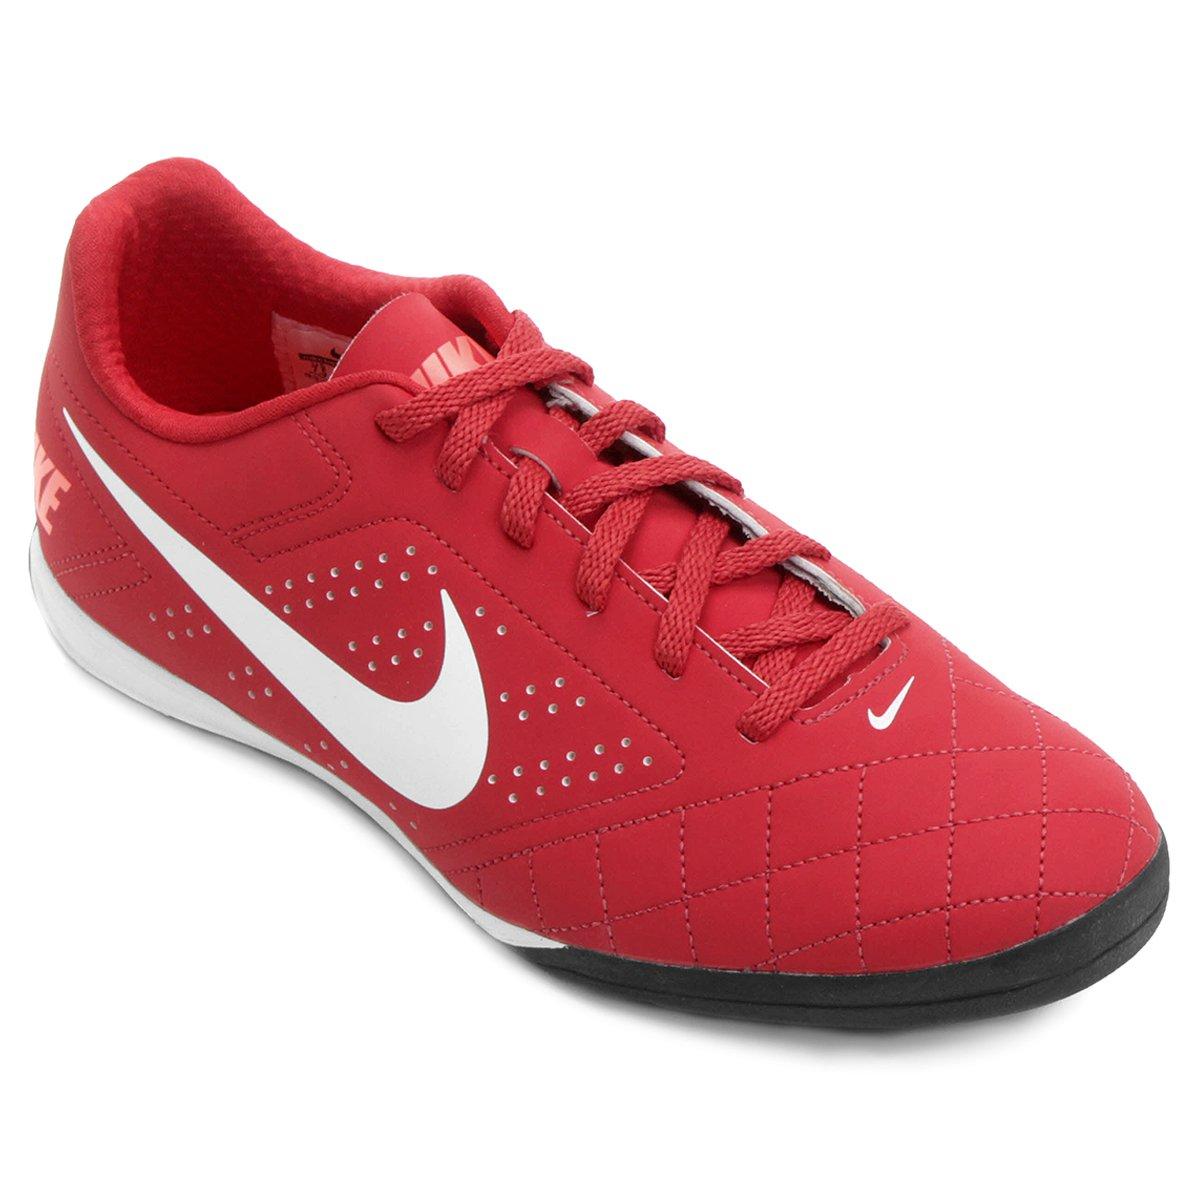 b88795817a Chuteira Futsal Nike Beco 2 Futsal - Vermelho e Branco - Compre Agora